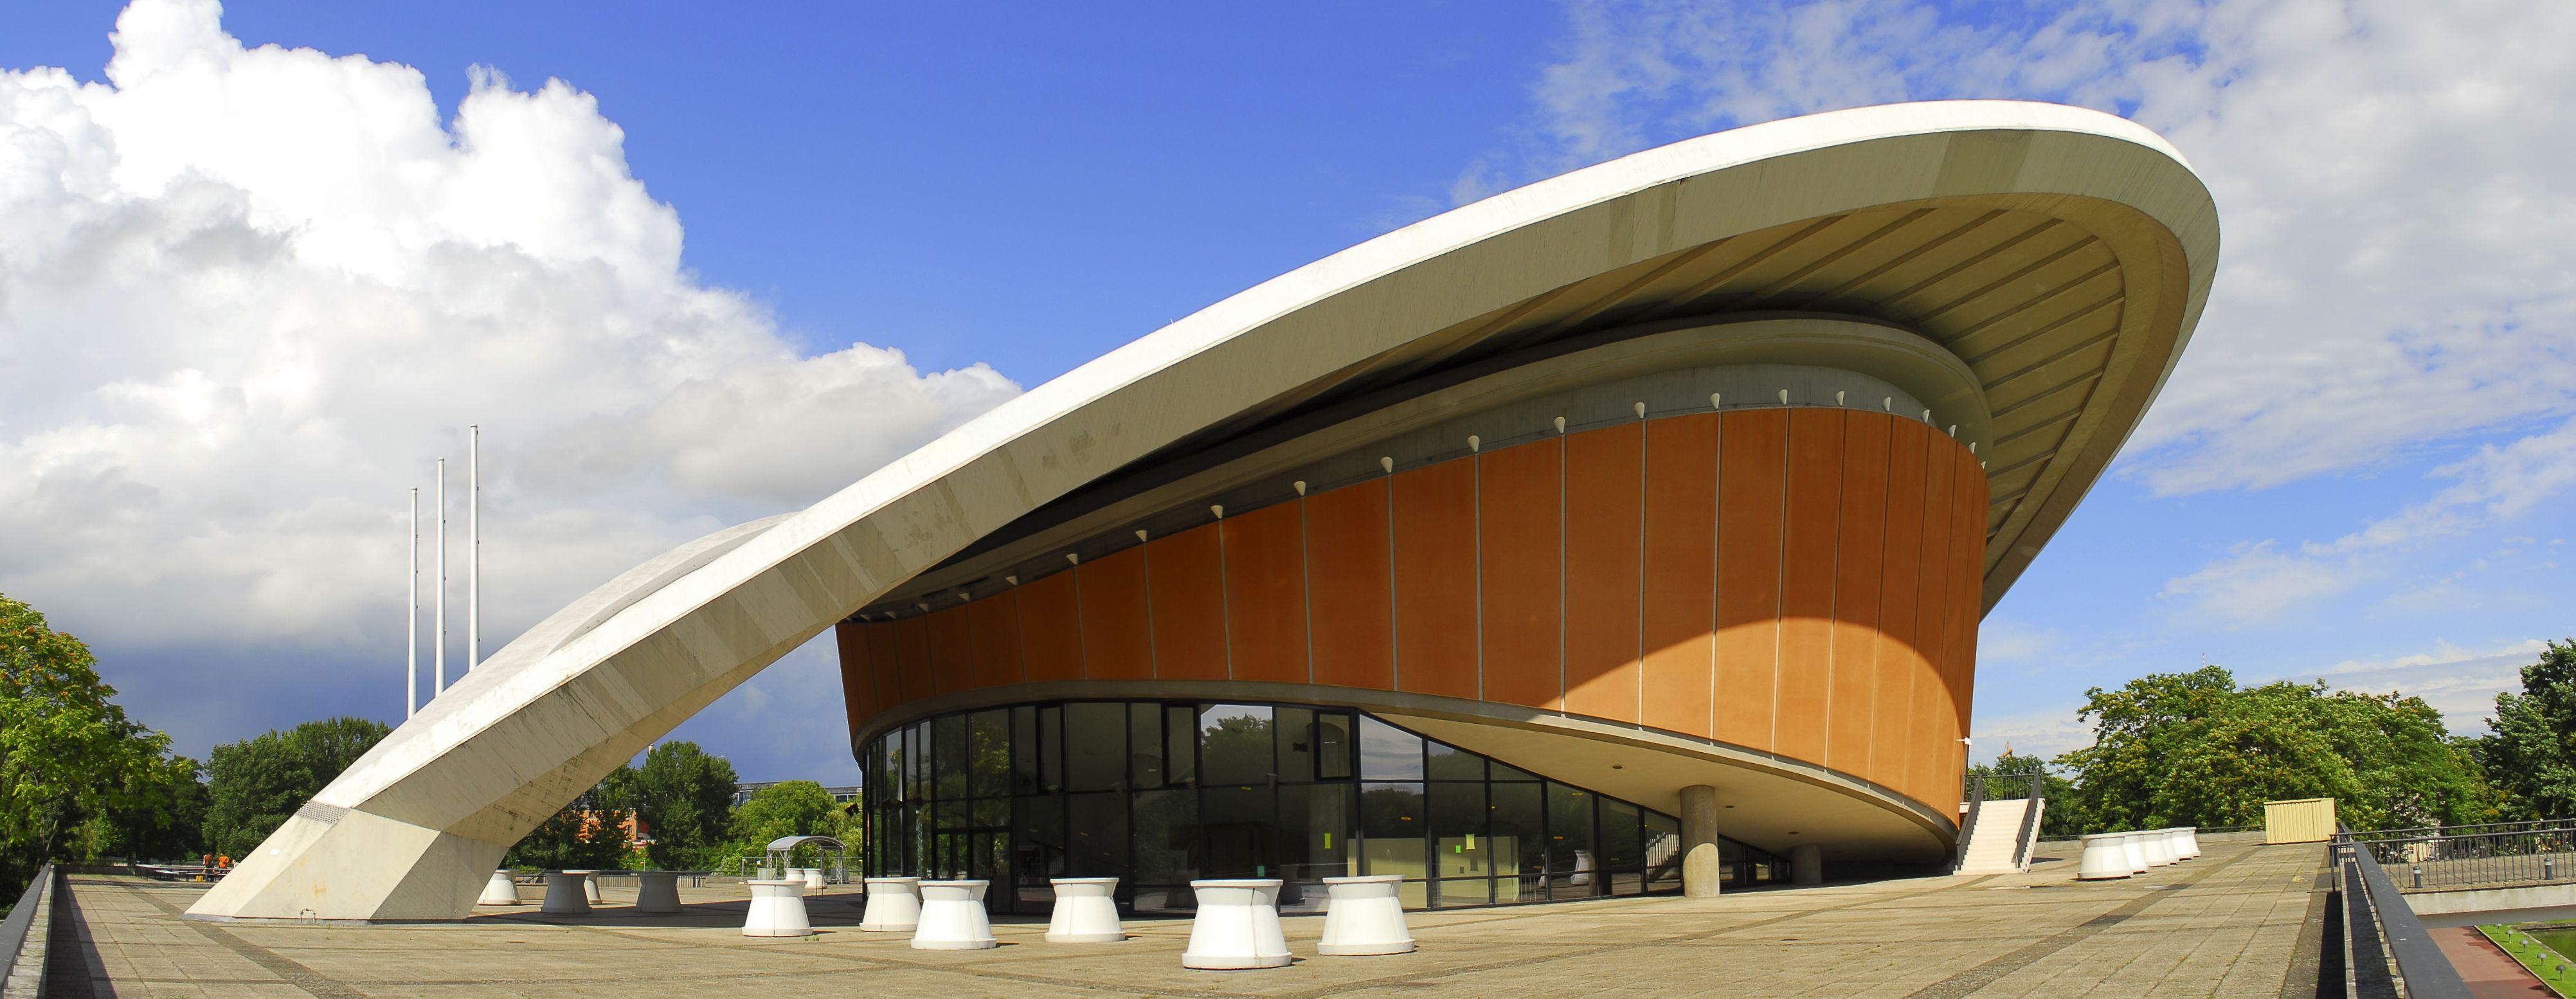 Haus Der Kulturen Der Welt Haus Building Architecture